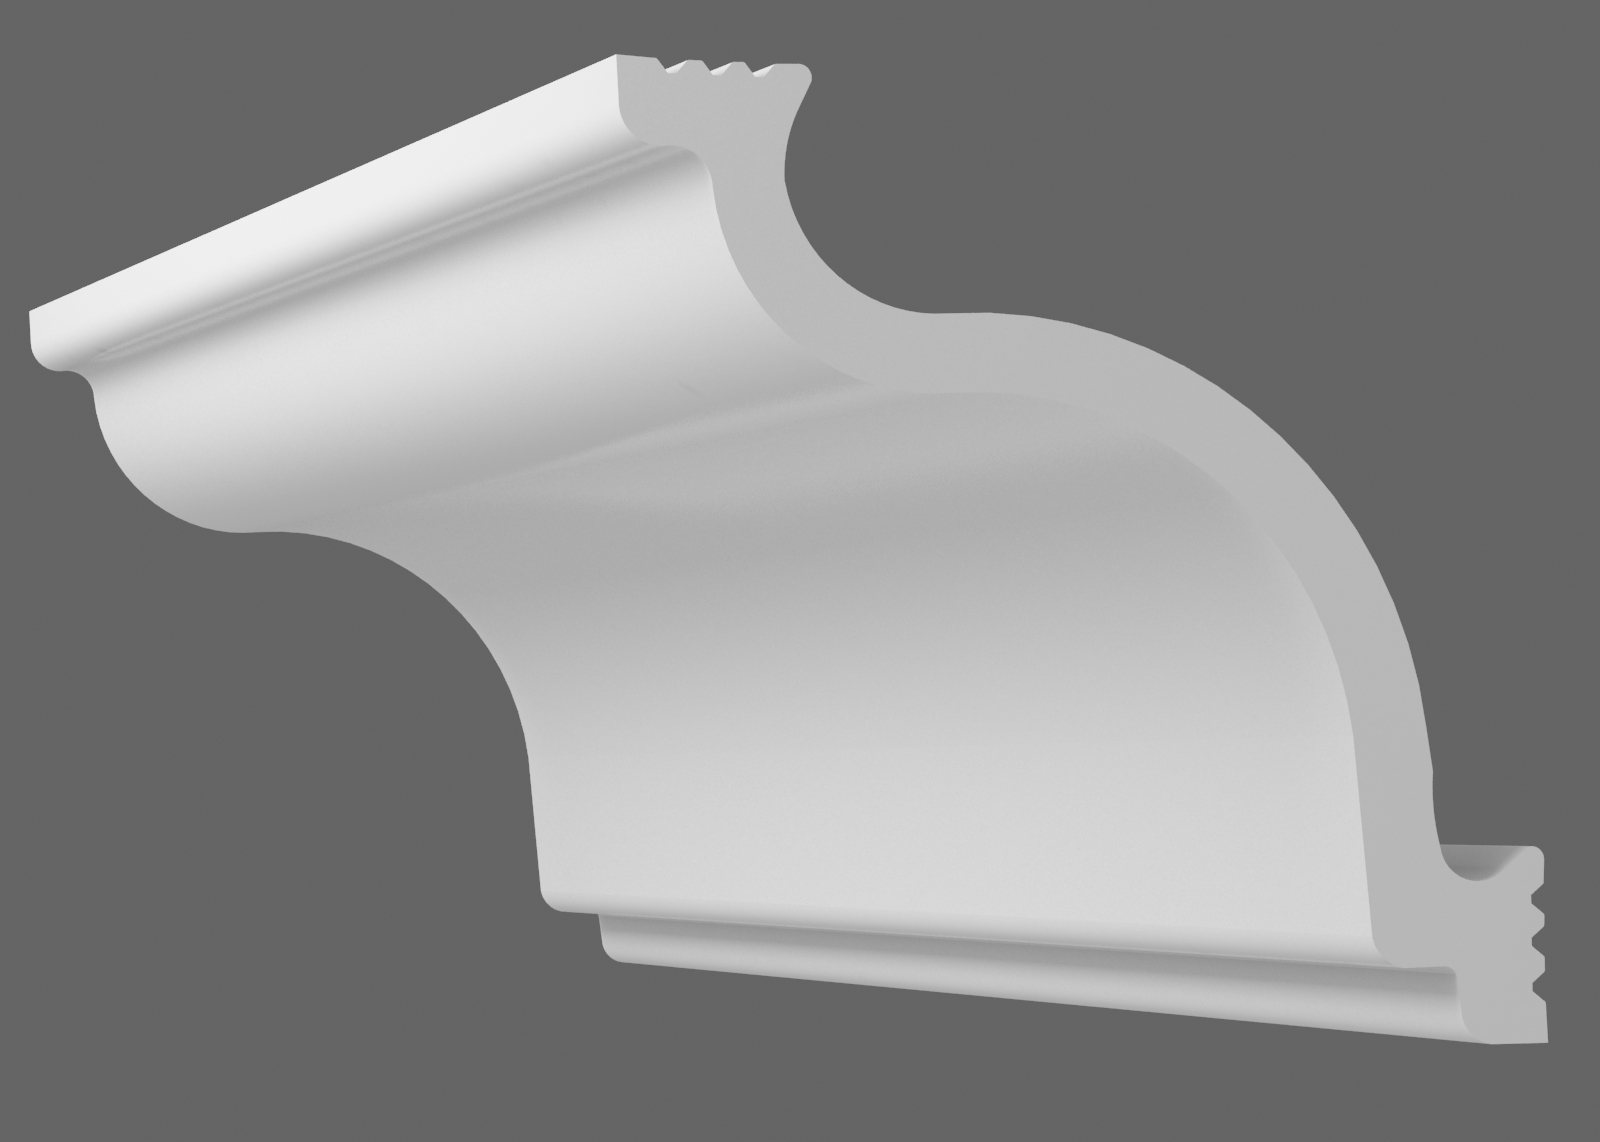 Потолочный плинтус C-65 (Размер:60х50мм)